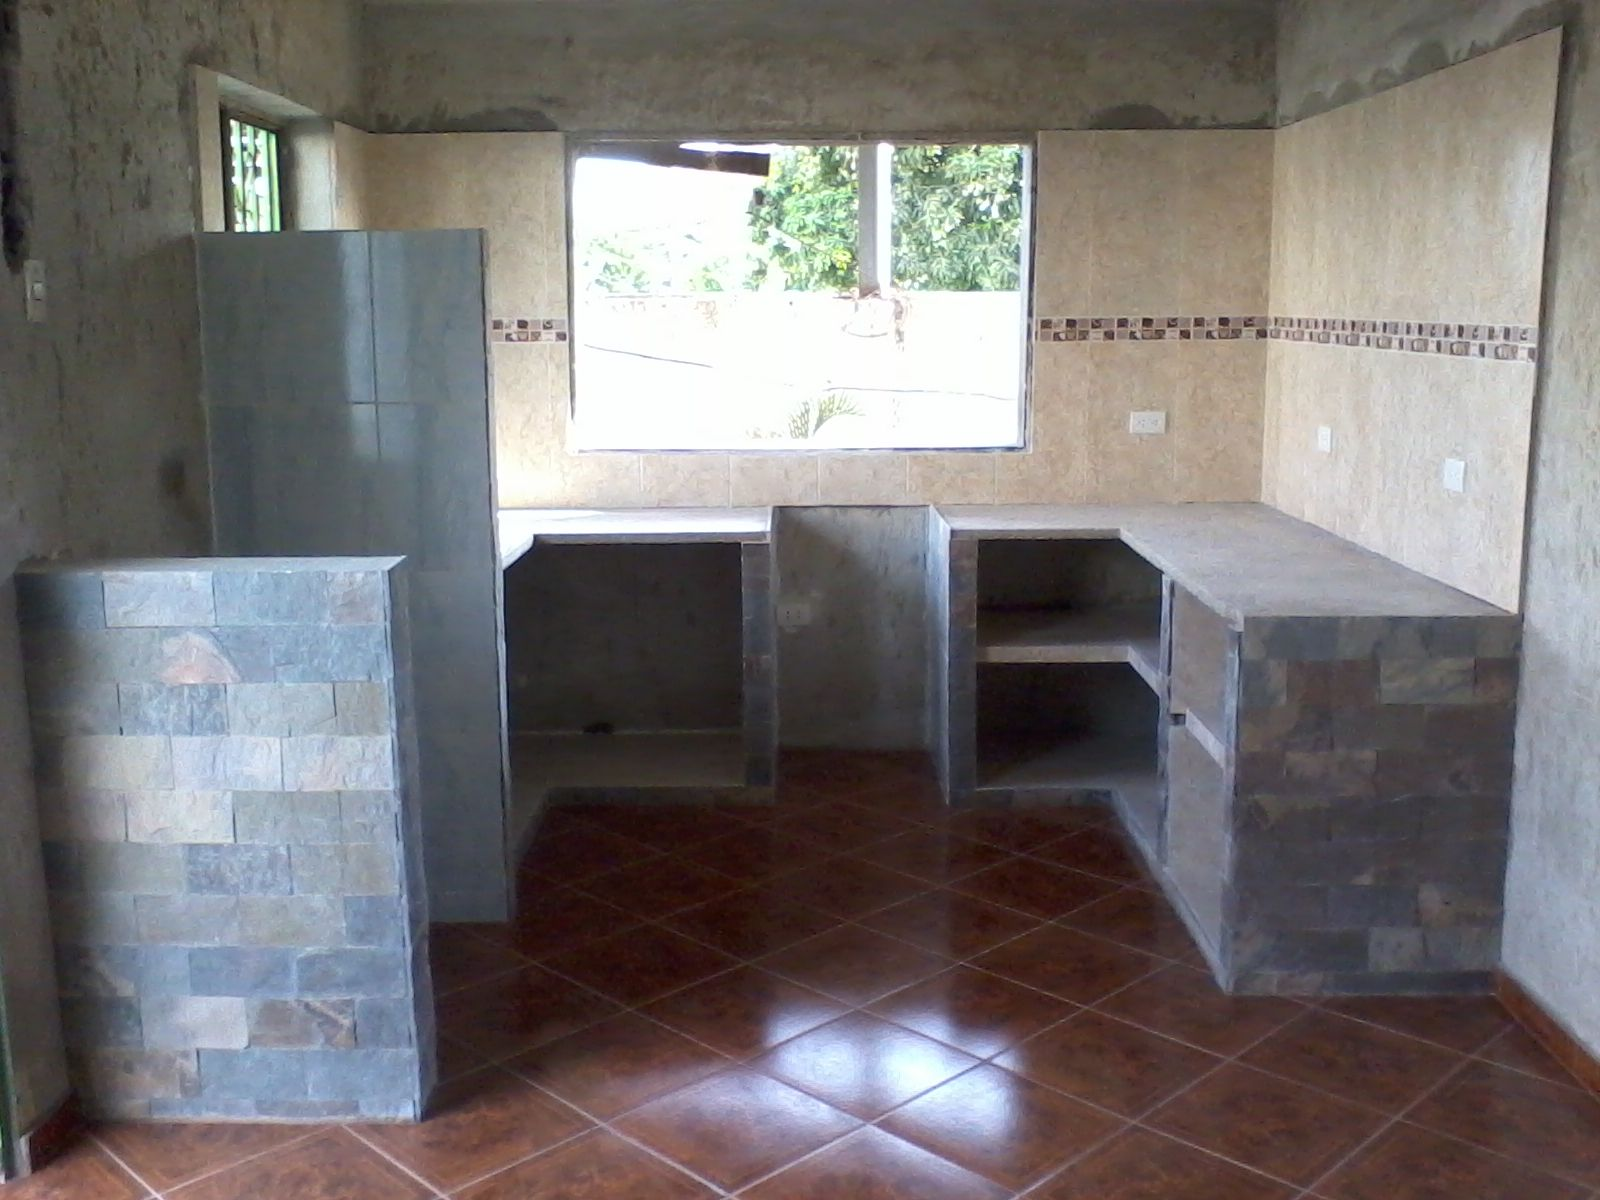 Cocina en mamposteria recubierta con ceramica y laja for Cocinas en cemento